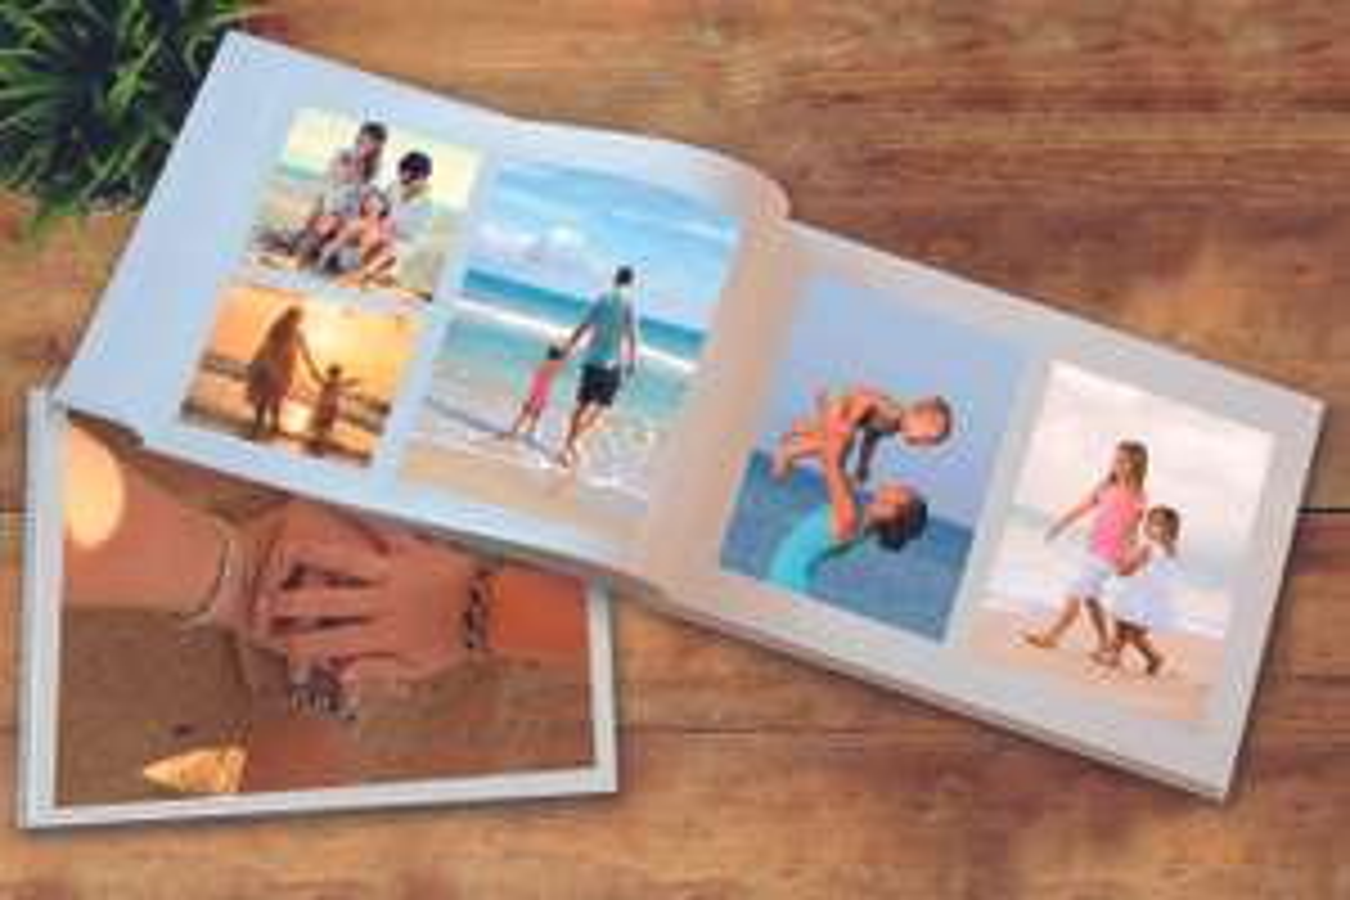 A4 of 30x30 cm fotoboeken 78% tot 85% korting op standaardprijs - v.a. €5,99